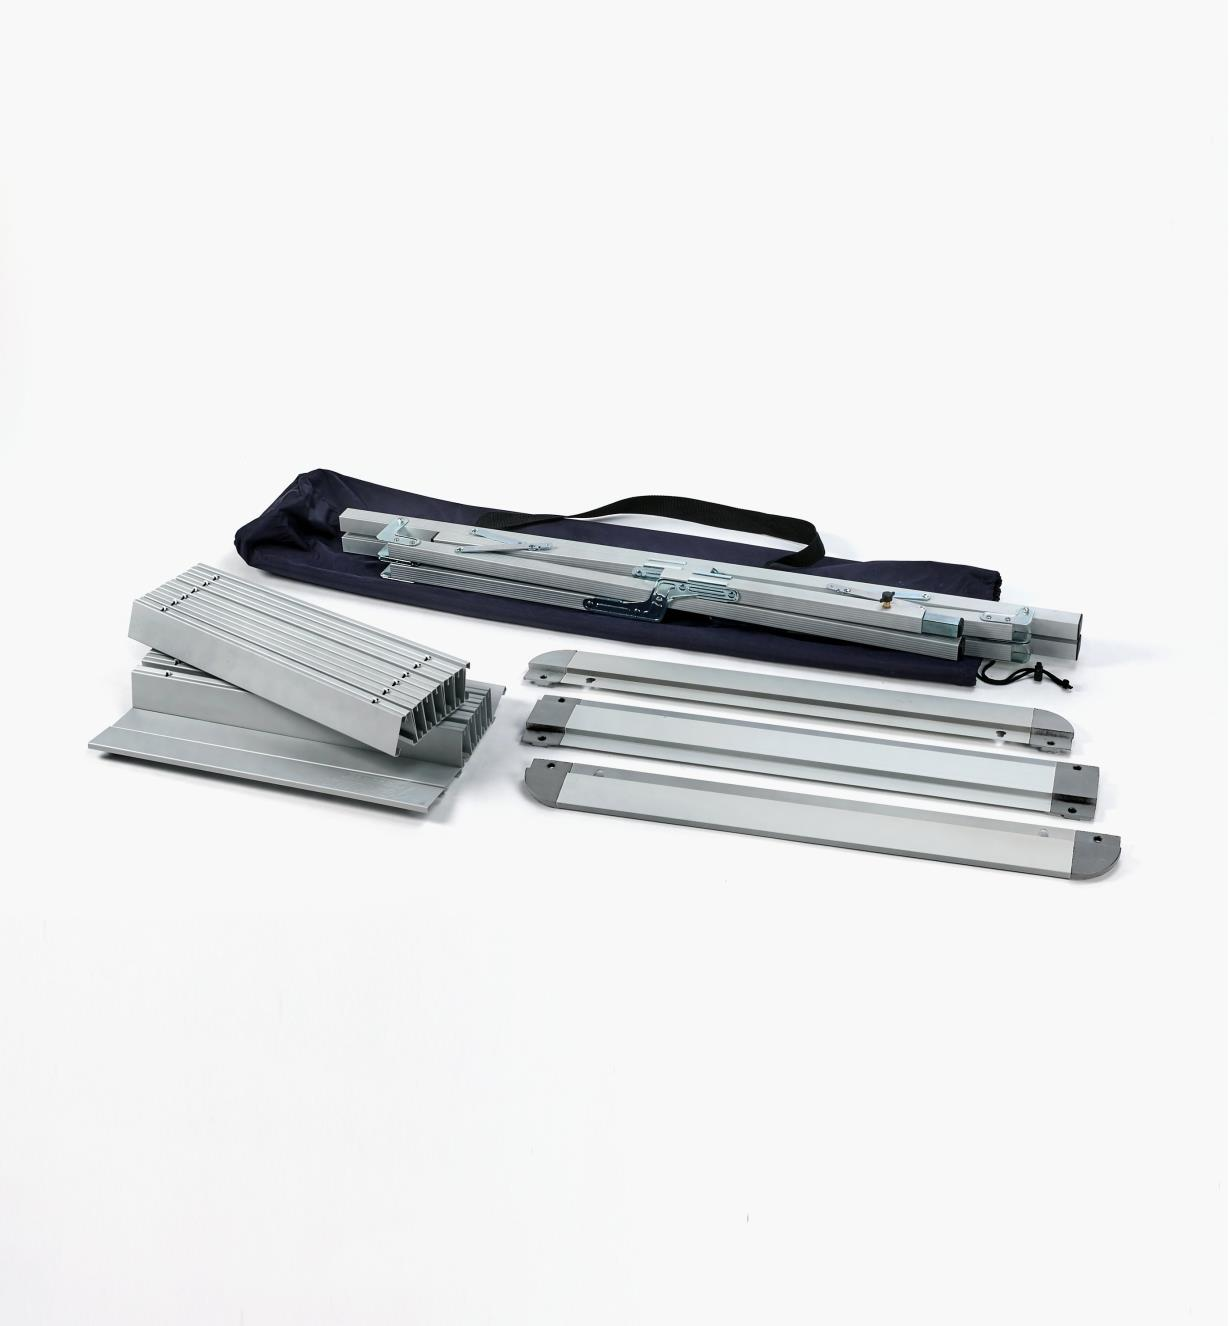 XJ265 - Table pliante en aluminium